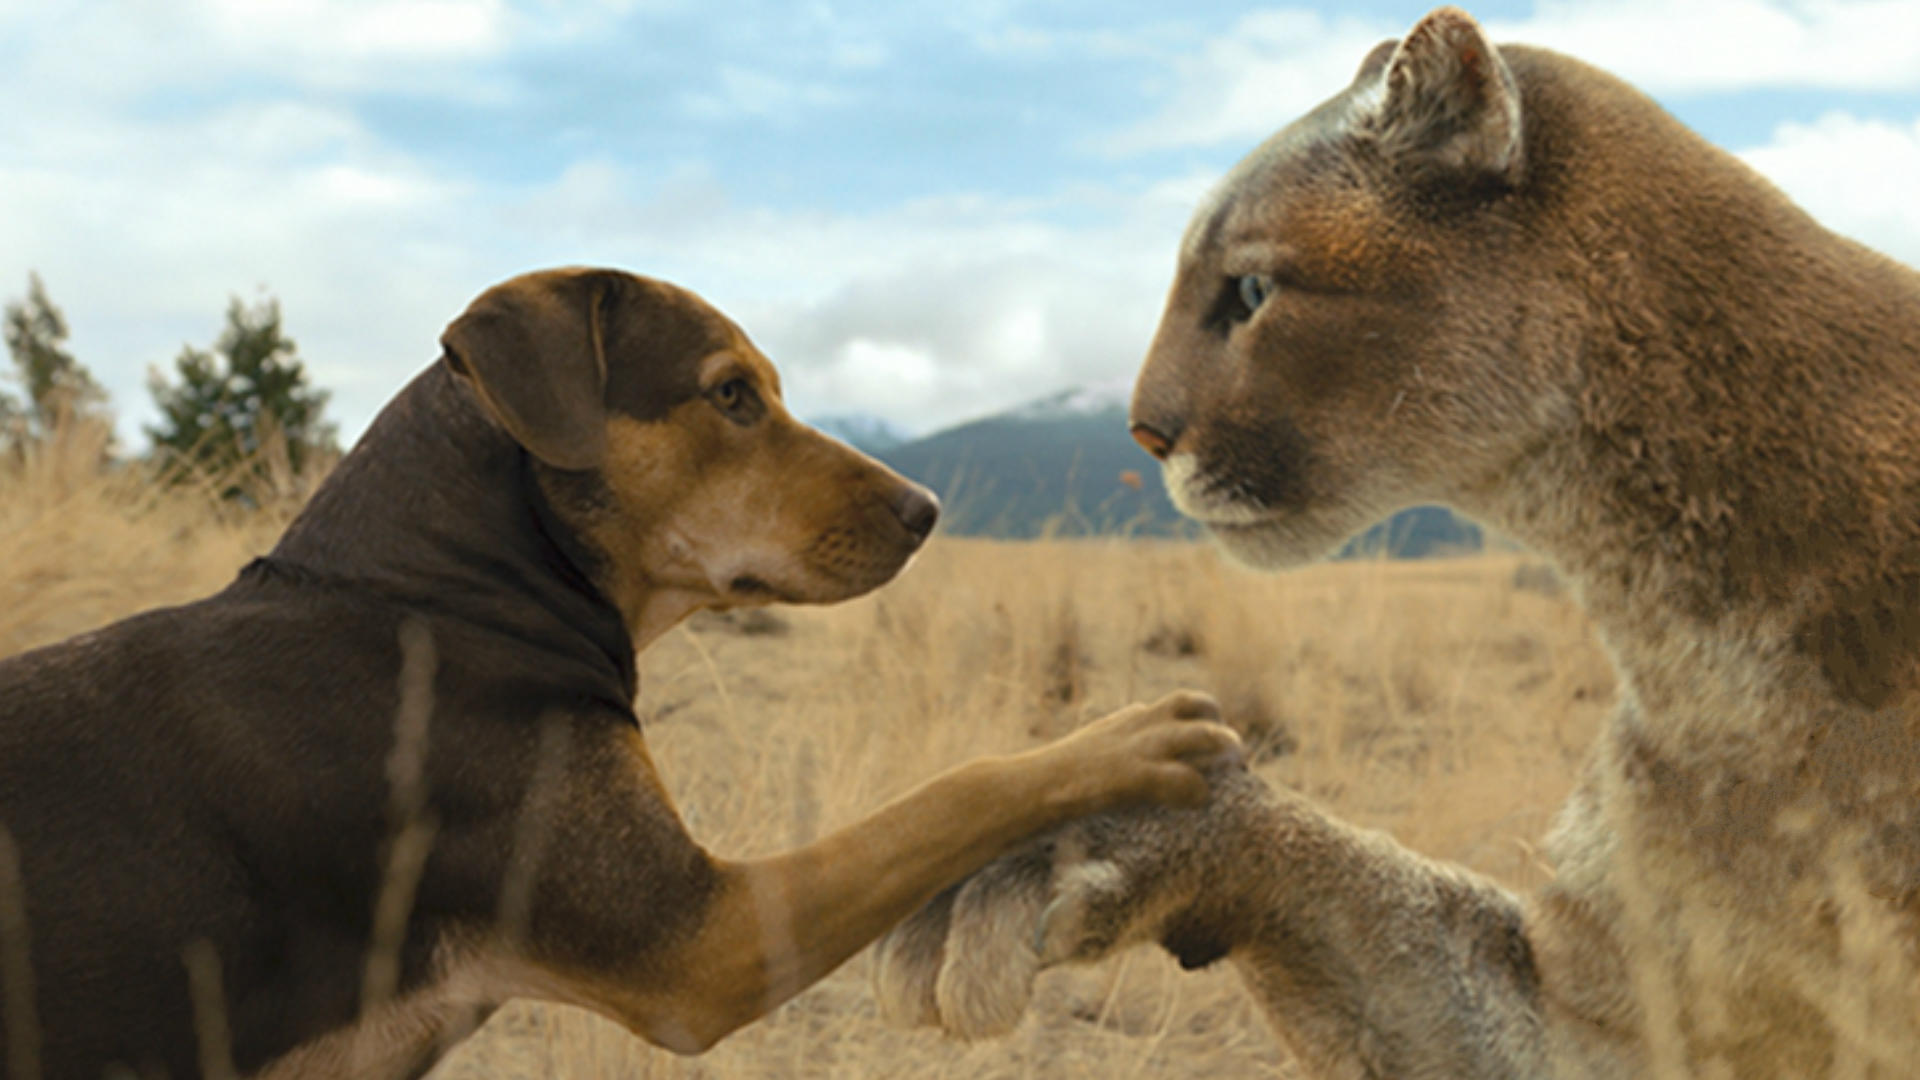 #动物#母狗误把一只幼狮当孩子,养到最后比自己都大,一部温情动物电影